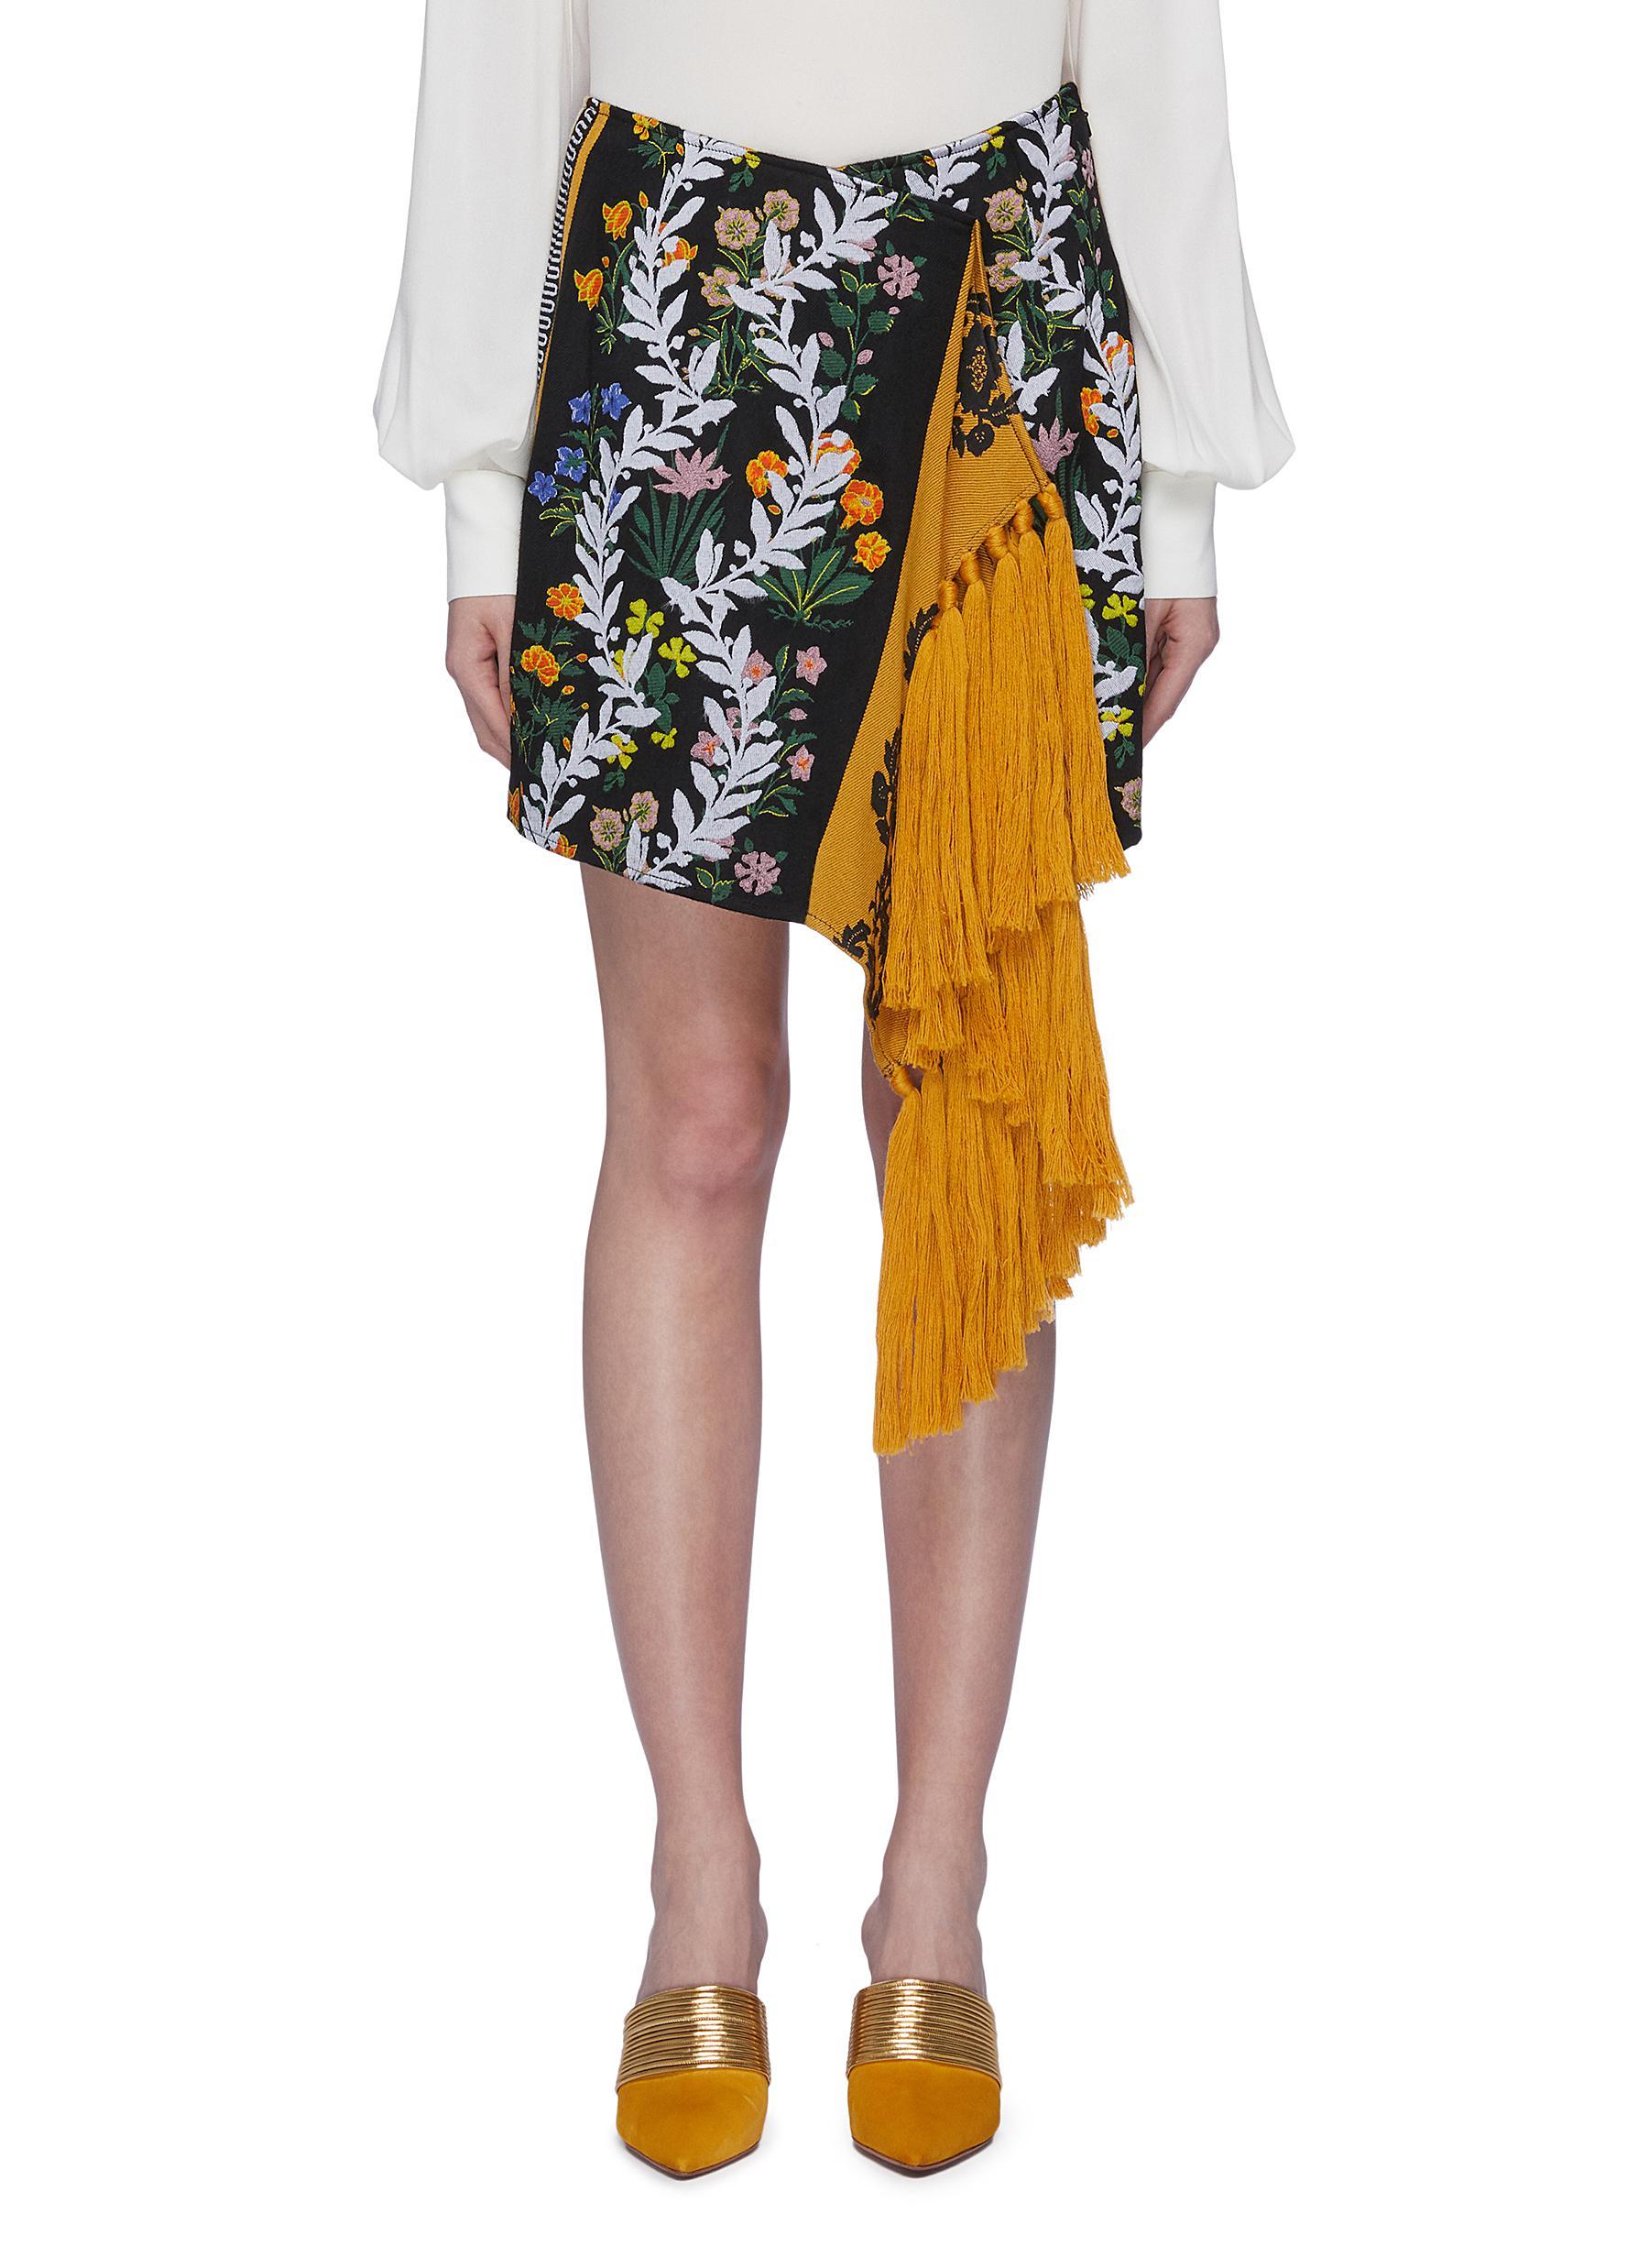 Tassel fringe drape mix floral patchwork skirt by Oscar De La Renta